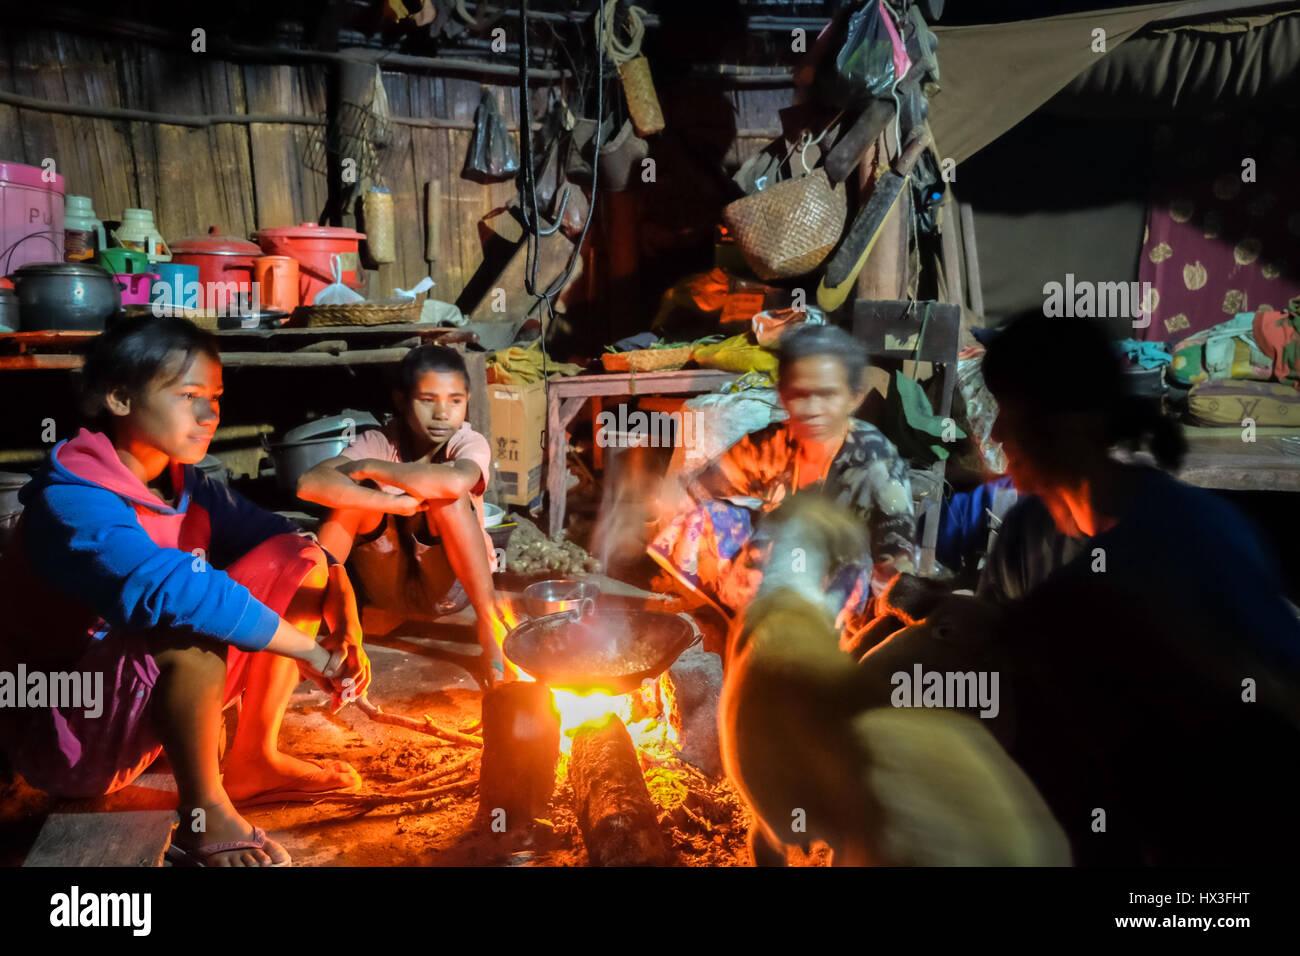 Ländliche Kinder haben ein Gespräch mit älteren Frauen in einem traditionellen Kücheraum in Stockbild